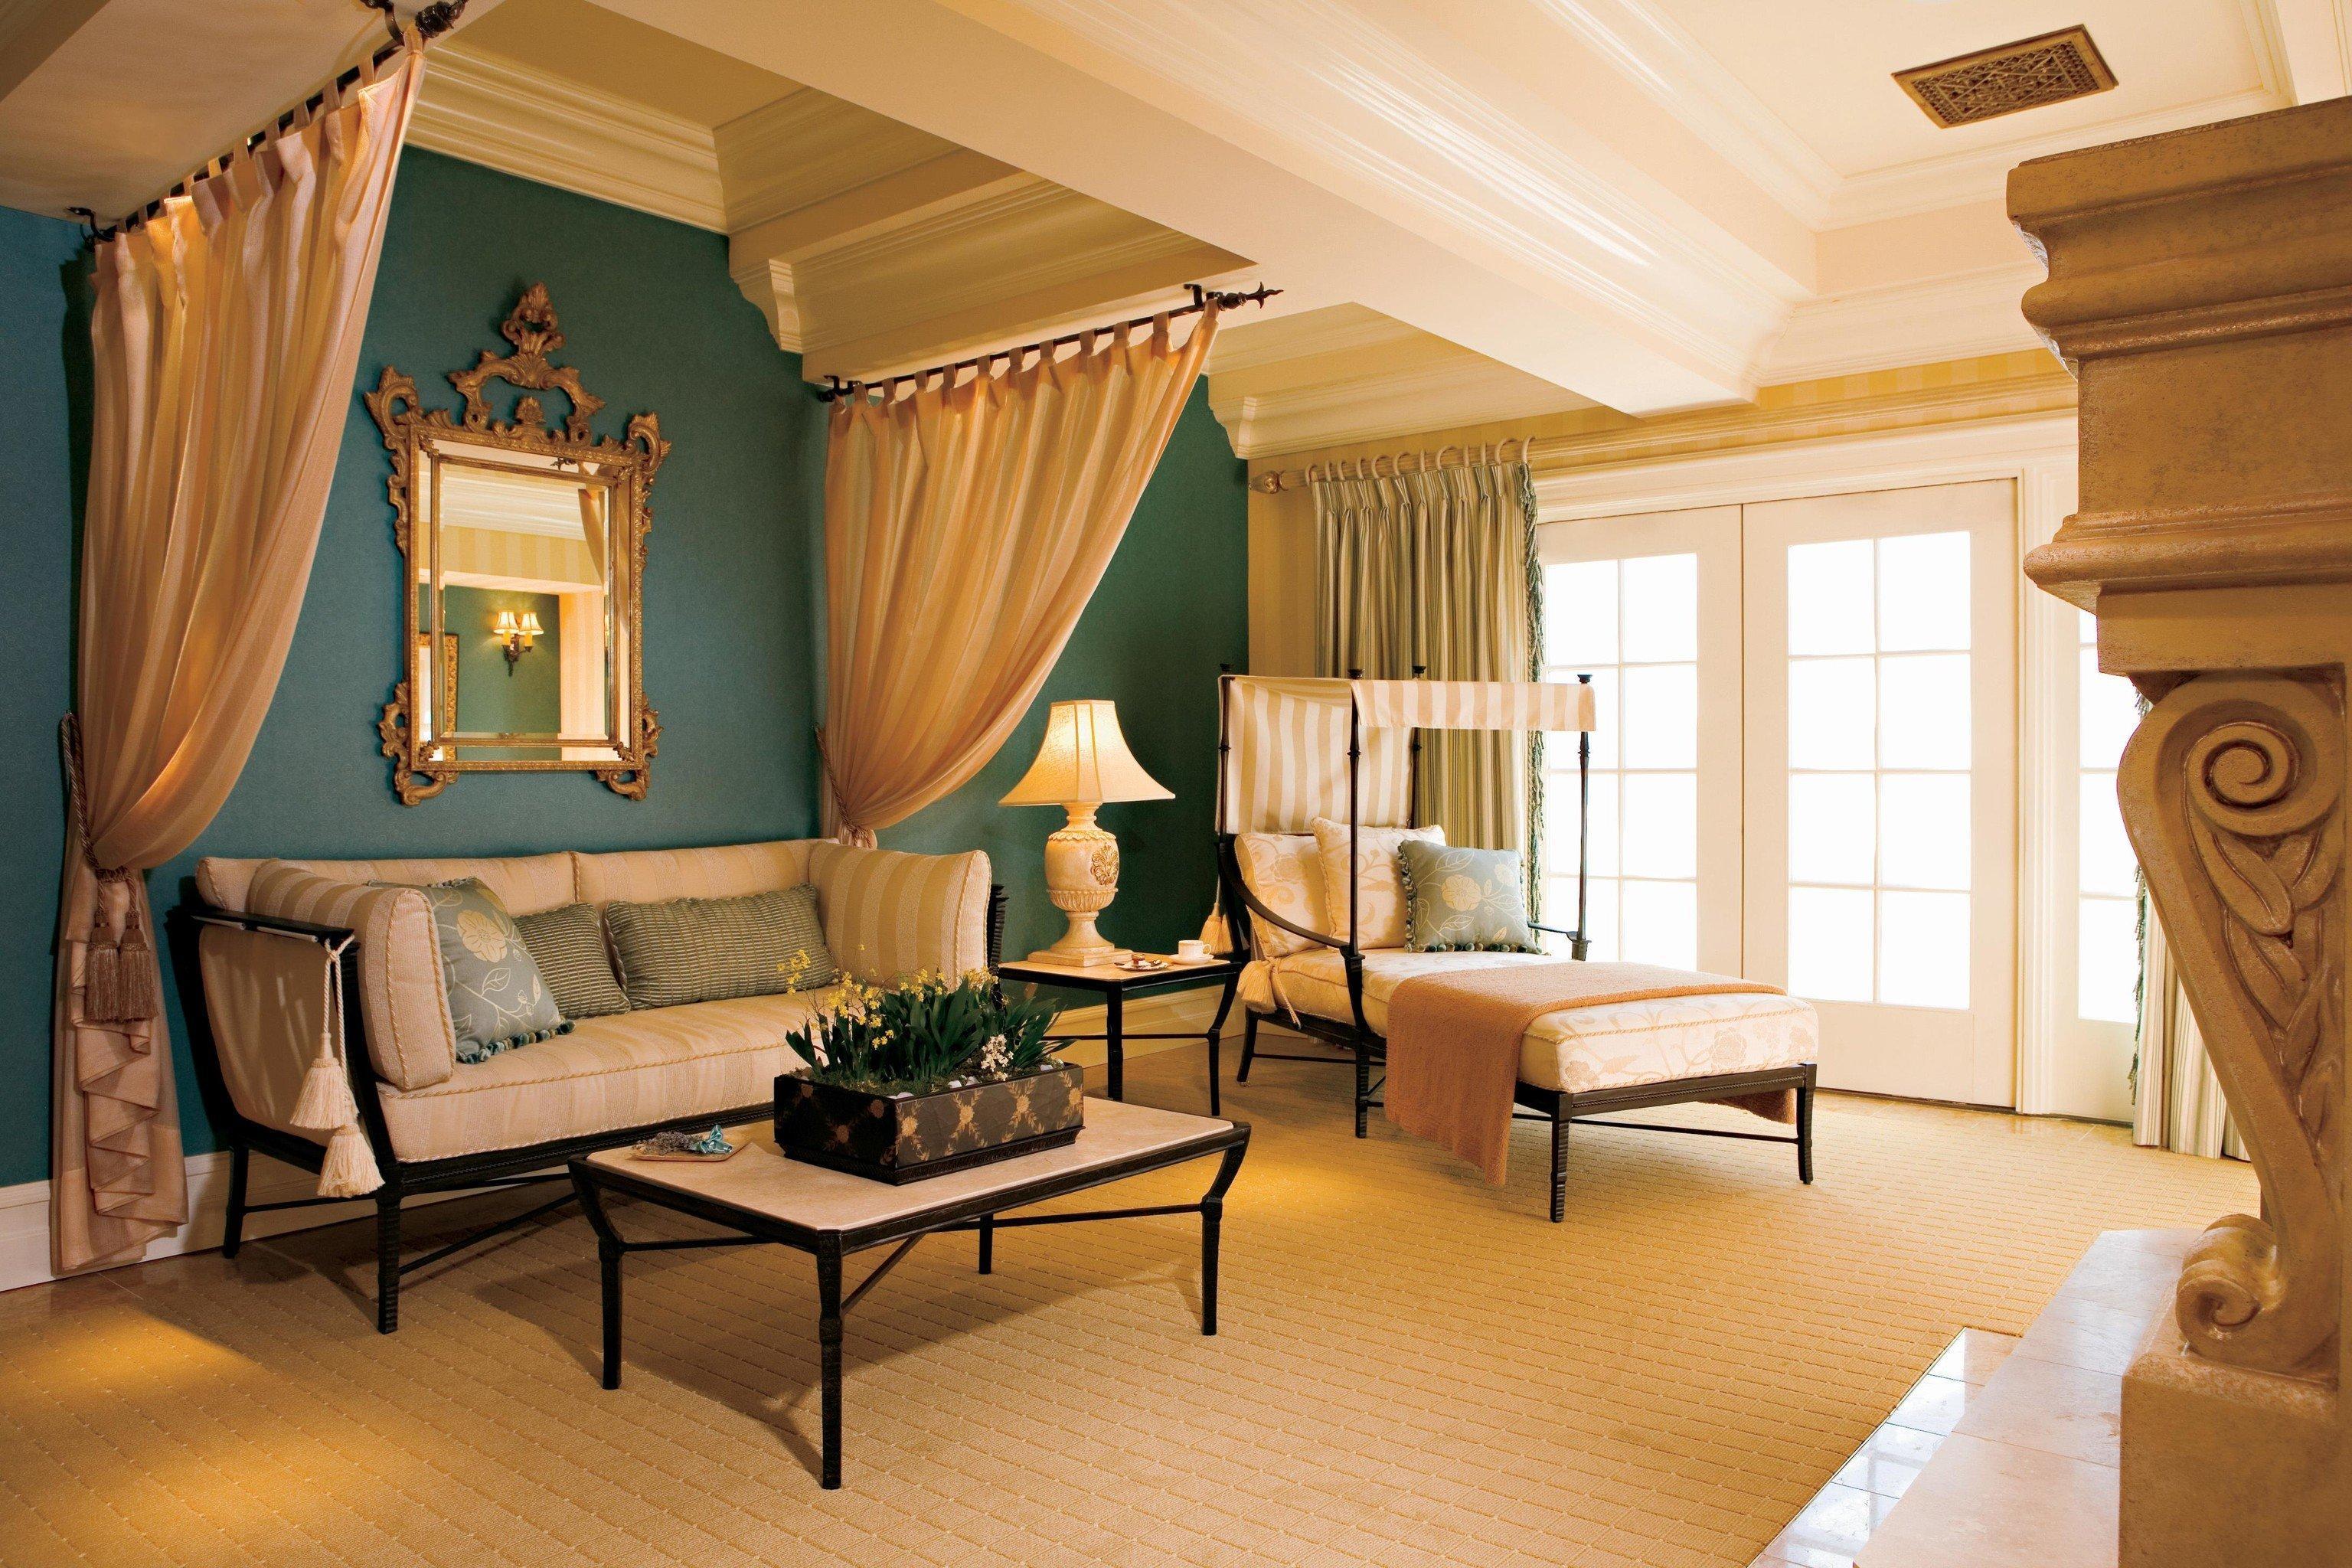 Hotels indoor floor room property Living living room estate Suite home interior design curtain dining room real estate cottage Villa Design furniture Bedroom decorated